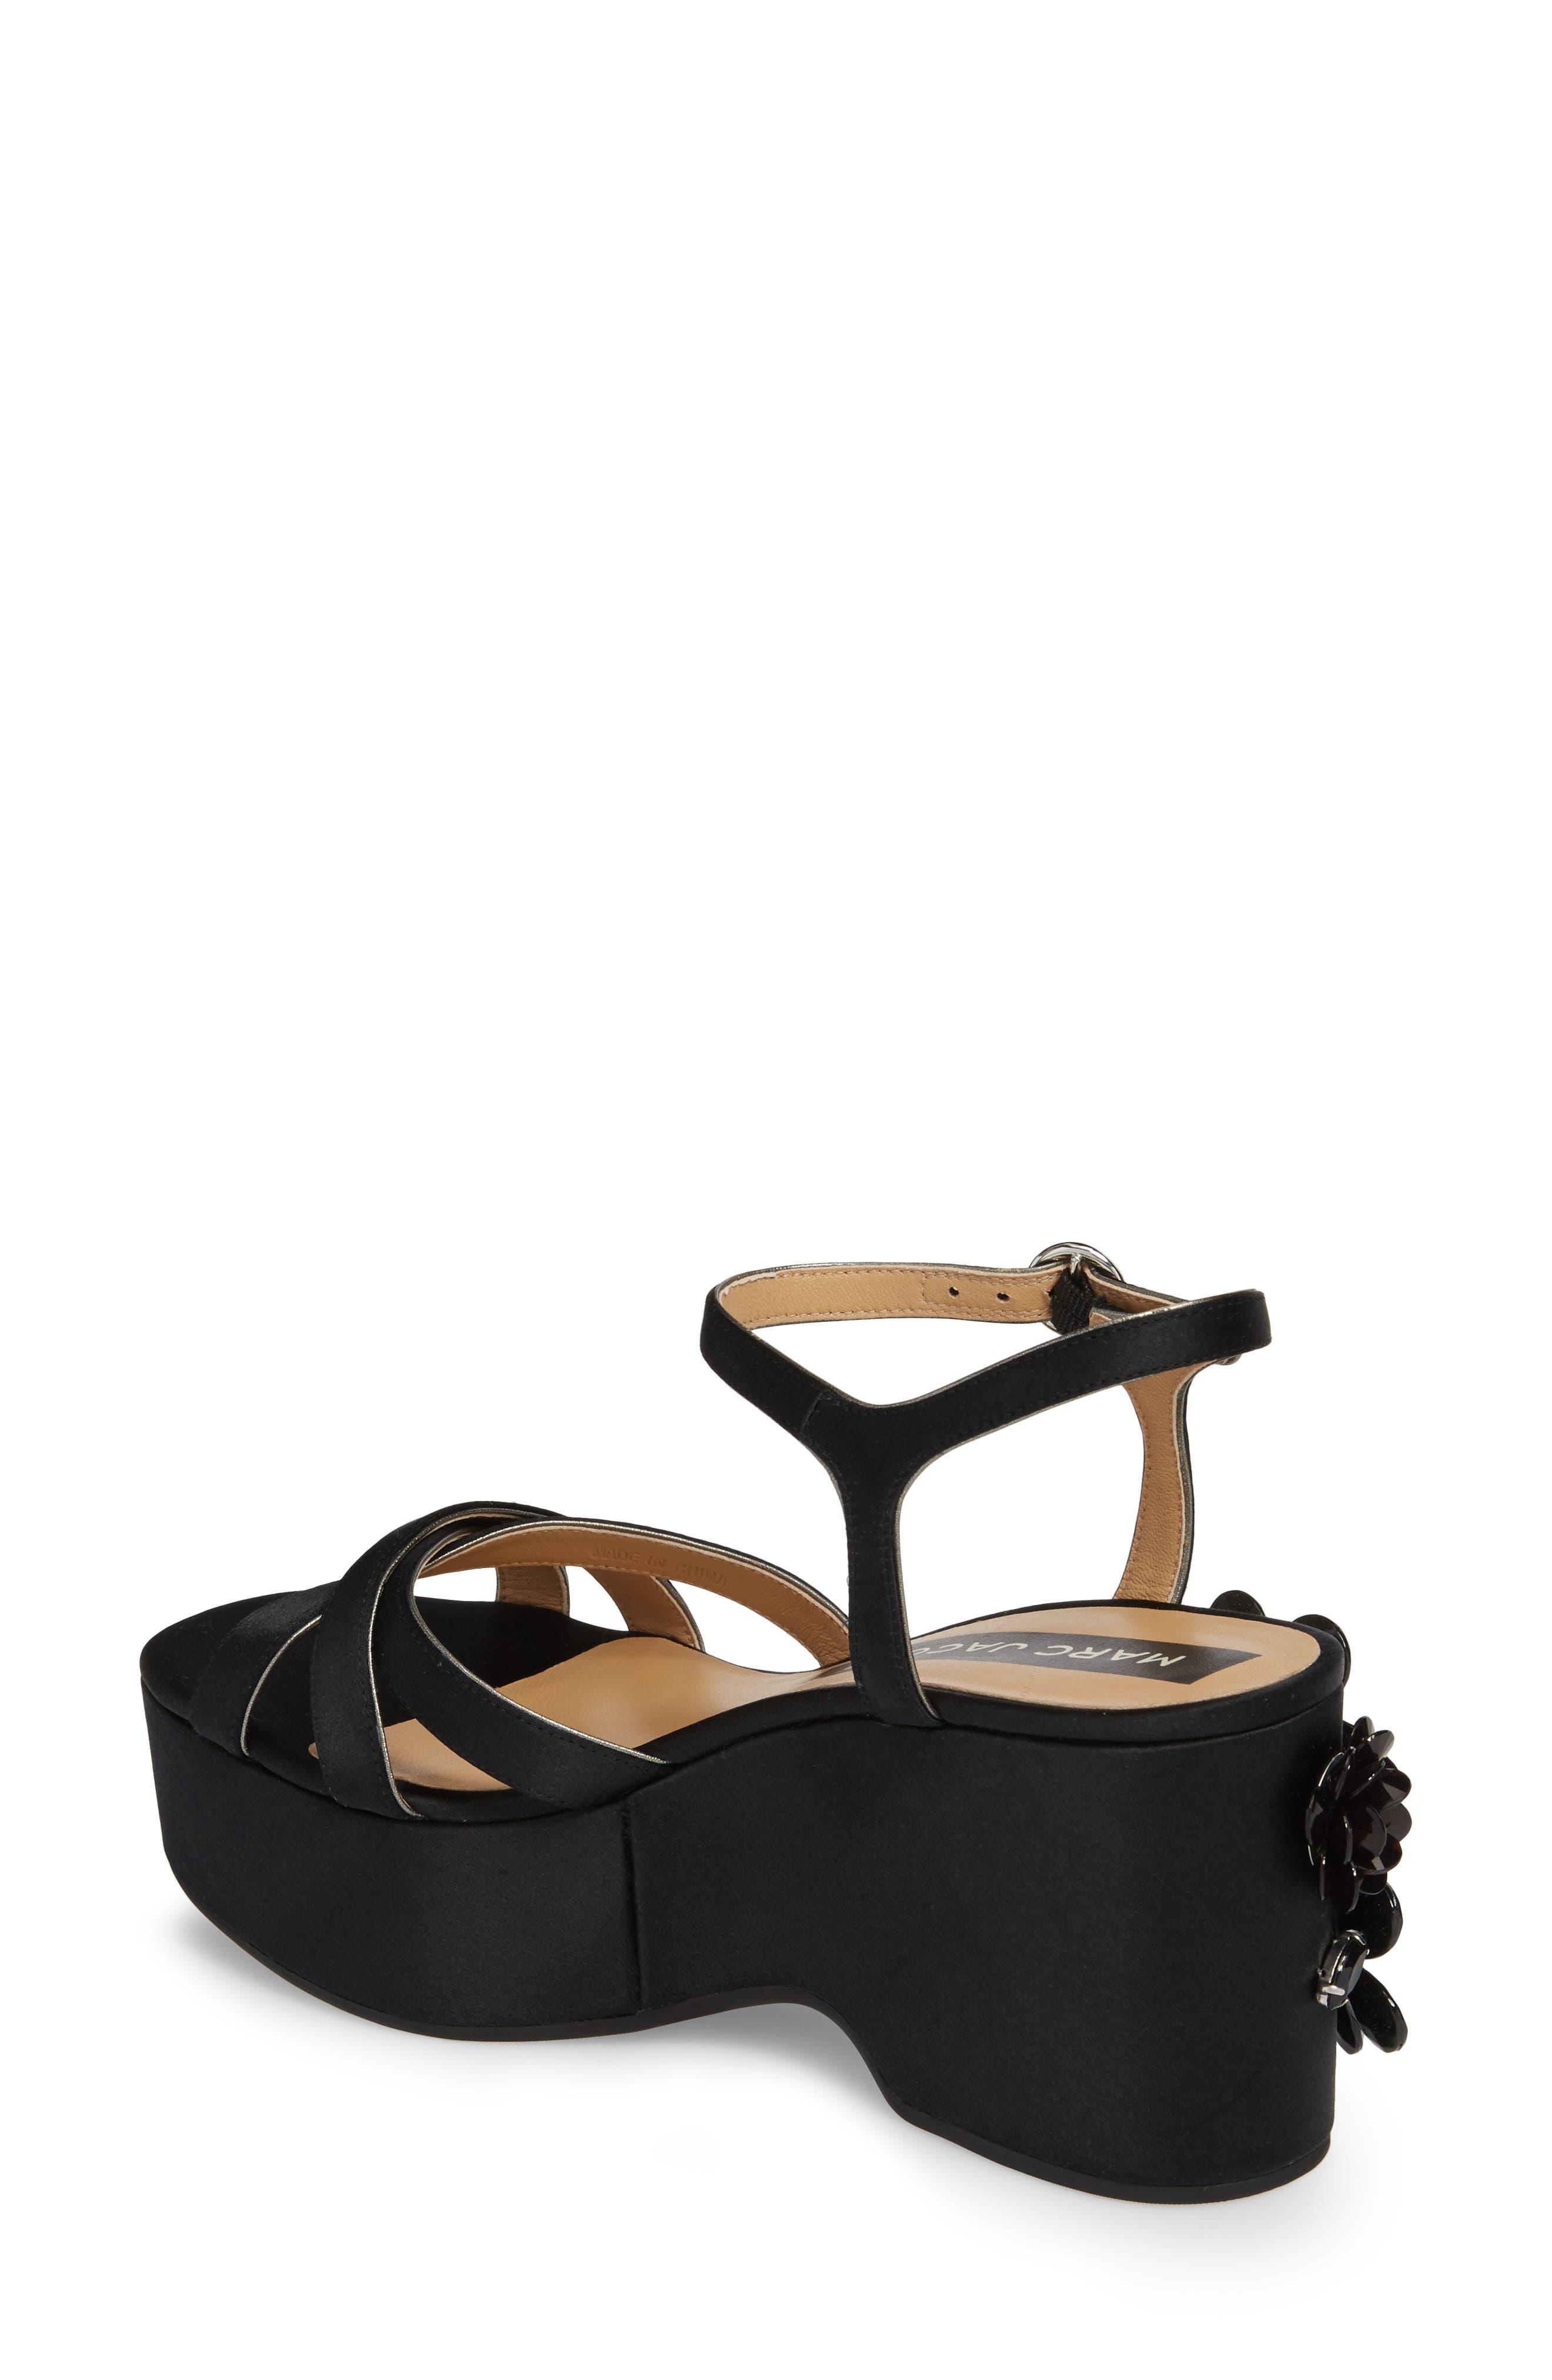 Callie Embellished Platform Sandal,                             Alternate thumbnail 2, color,                             001